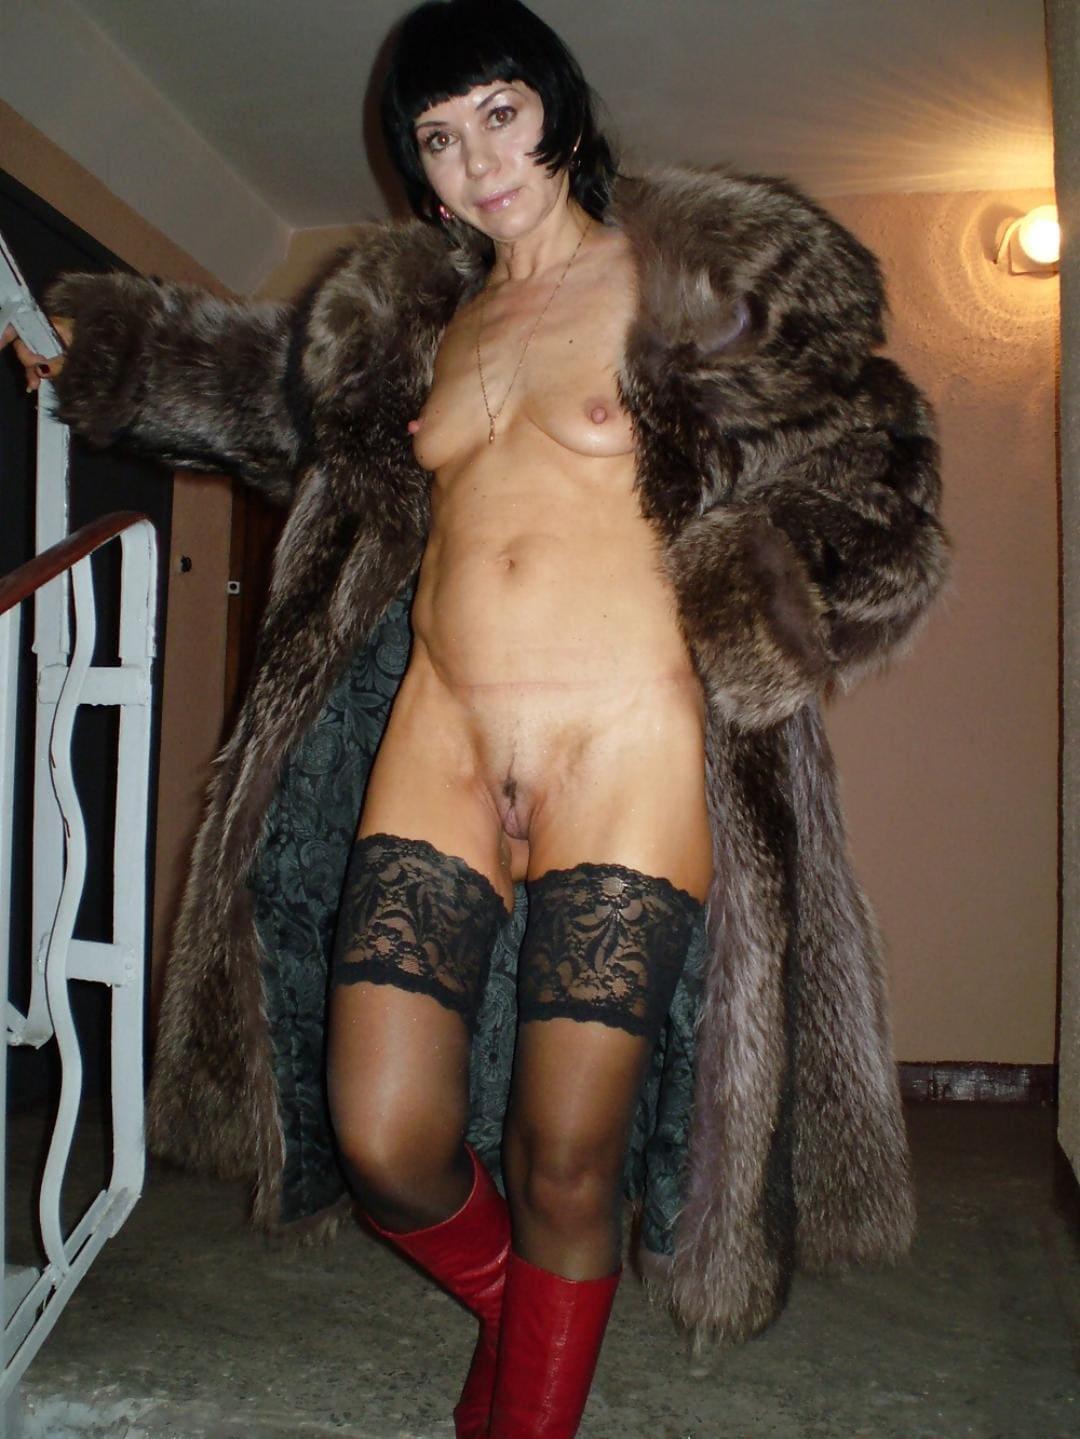 шуба длинная расстегнута на голой зрелой русской женщине брюнетке с короткой стрижкой стоит в подъезде, маленькая грудь, черные чулки, красные сапожки